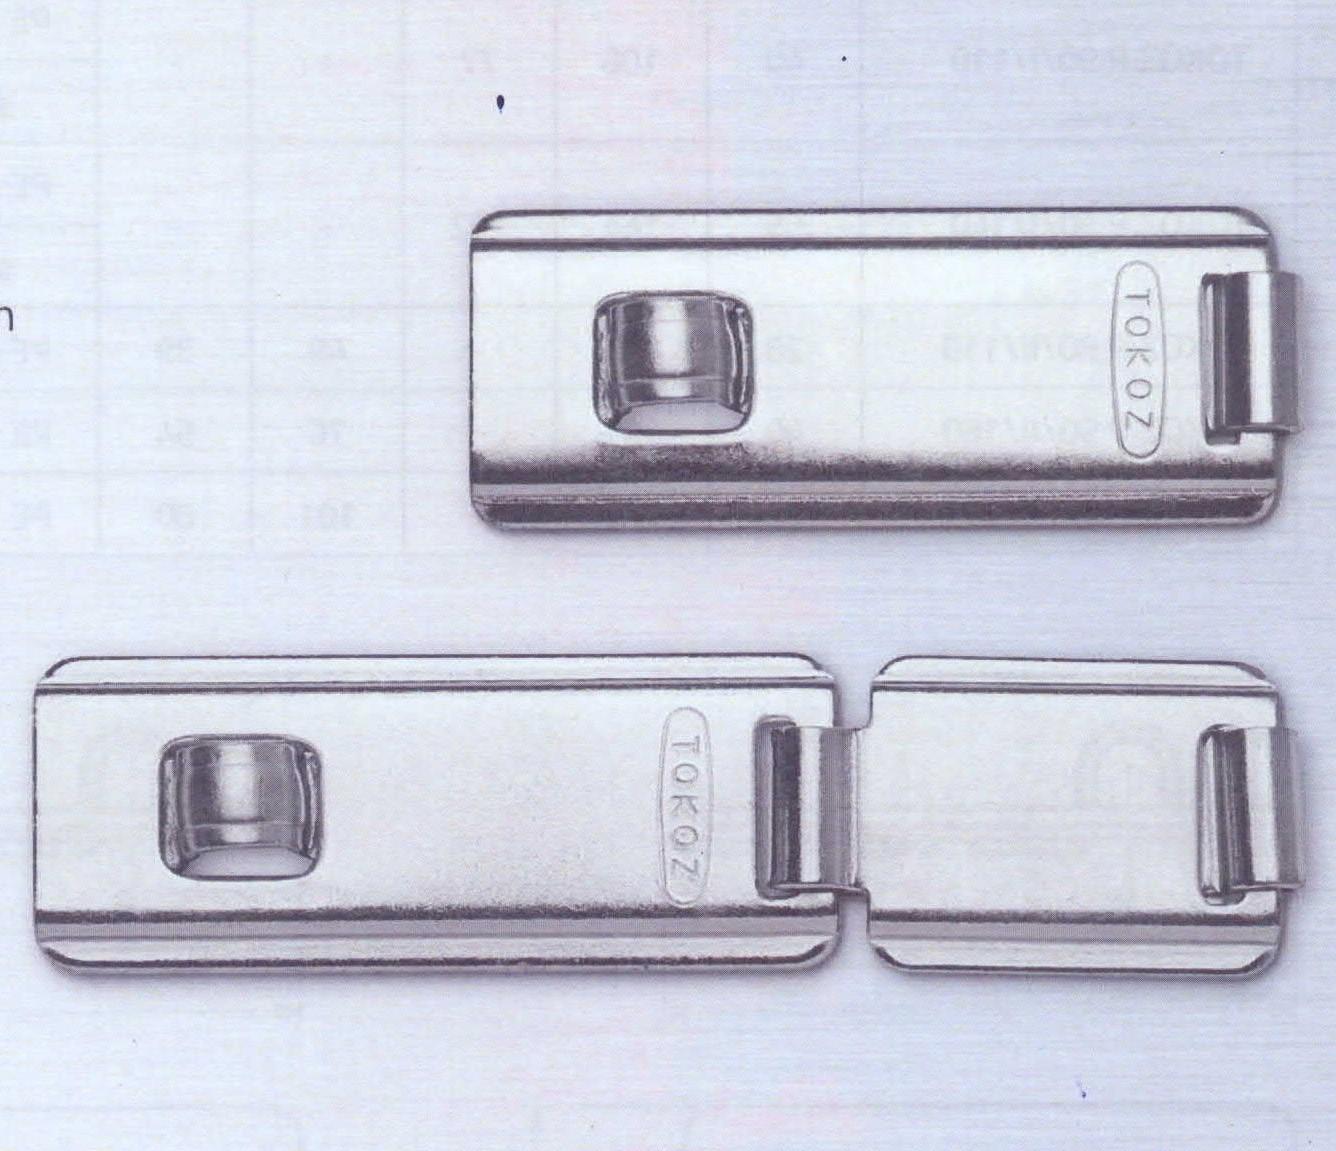 Petlice TOKOZ P 90/II/220 dvoudílná